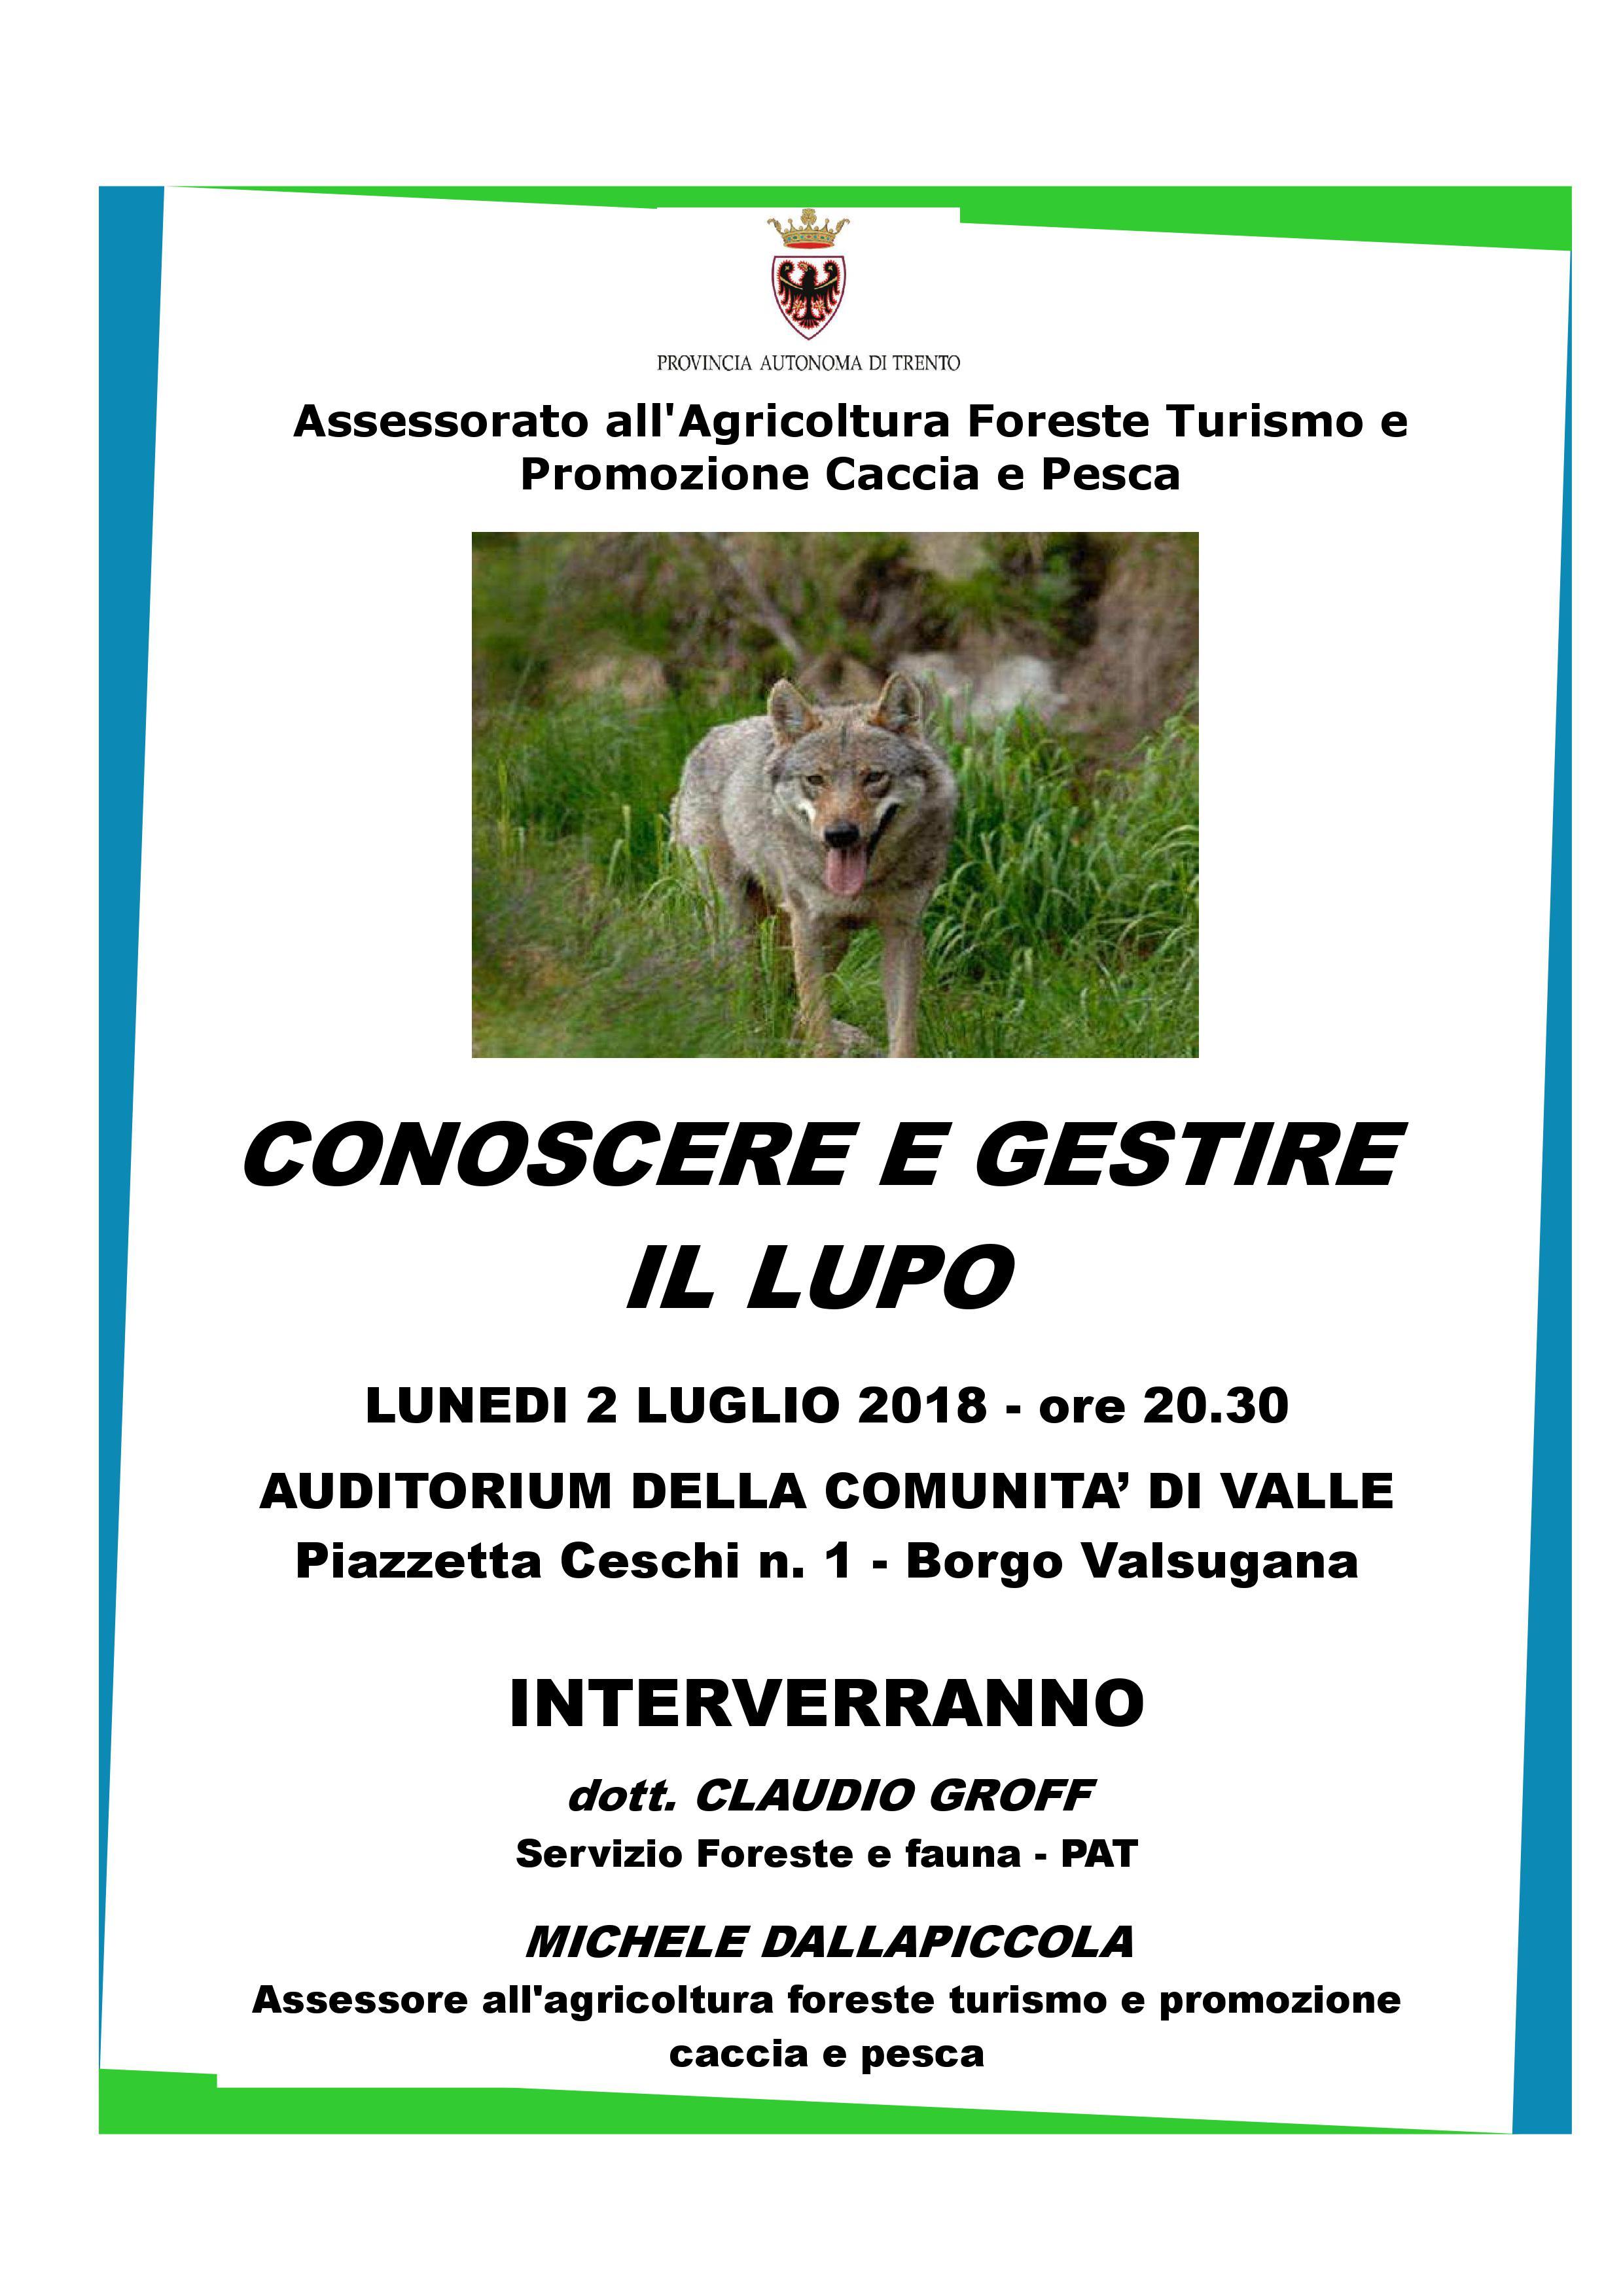 Lupo-in-Trentino-Borgo